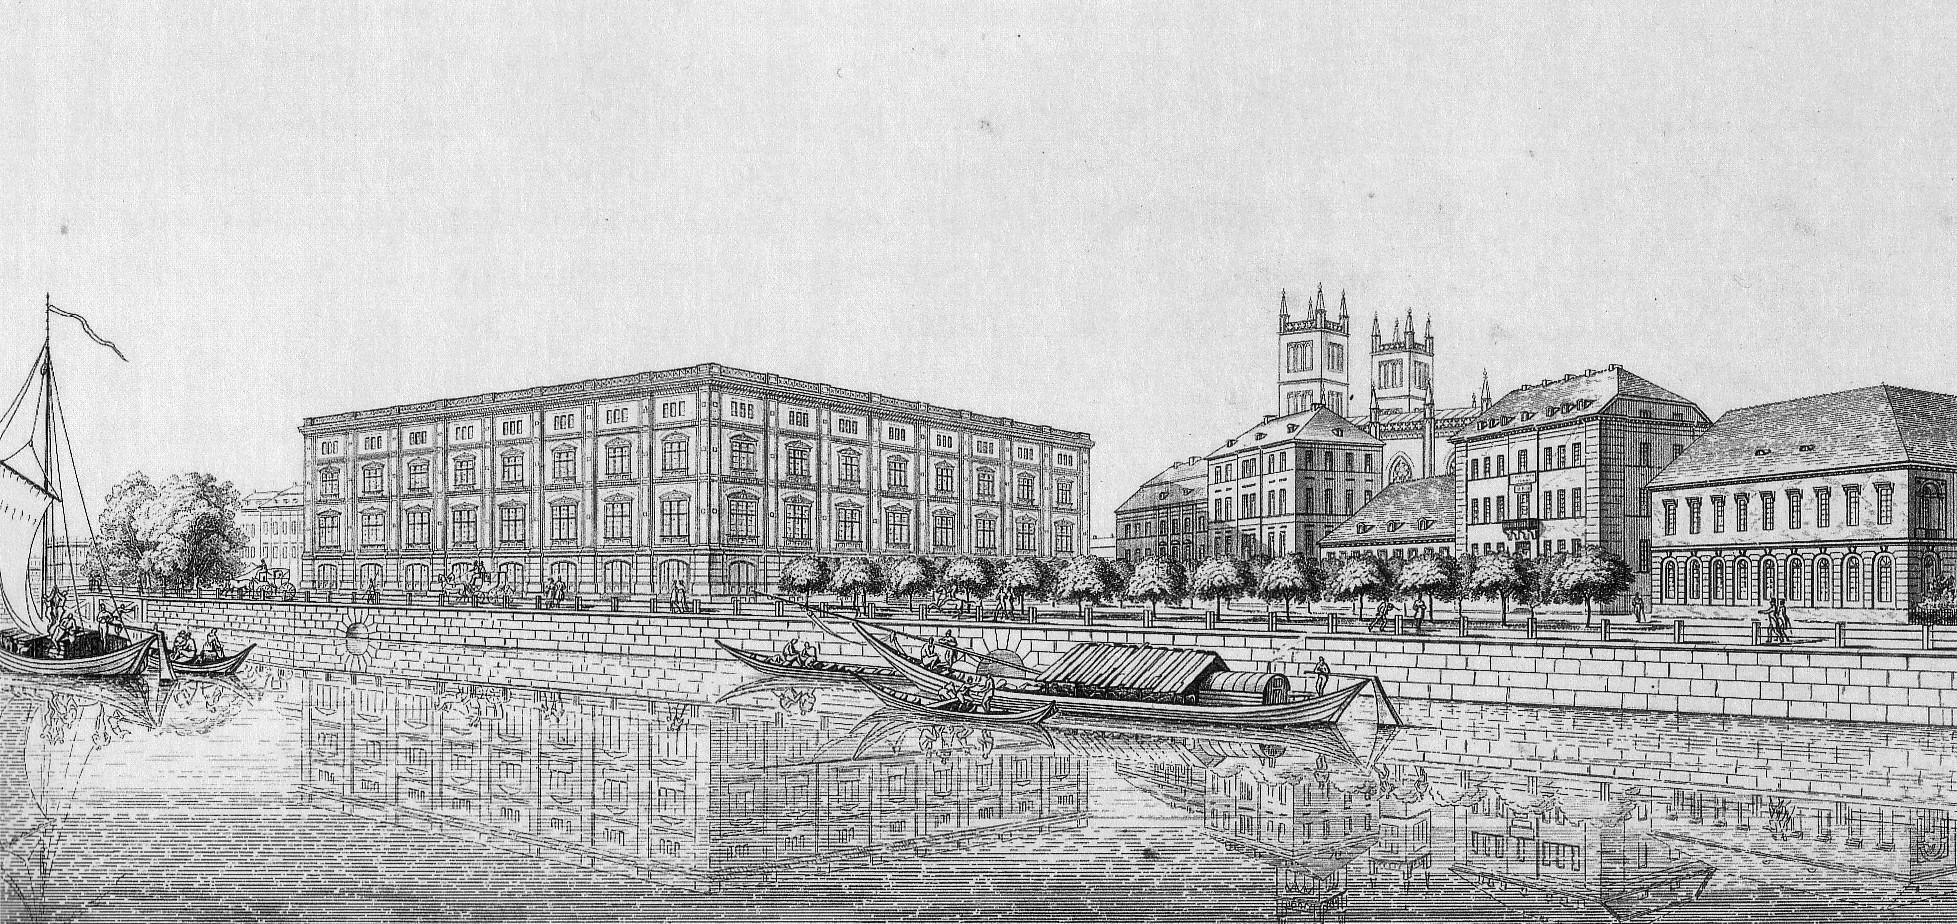 Bauakademie – 1831 – Planungszeichnung von Karl Friedrich Schinkel